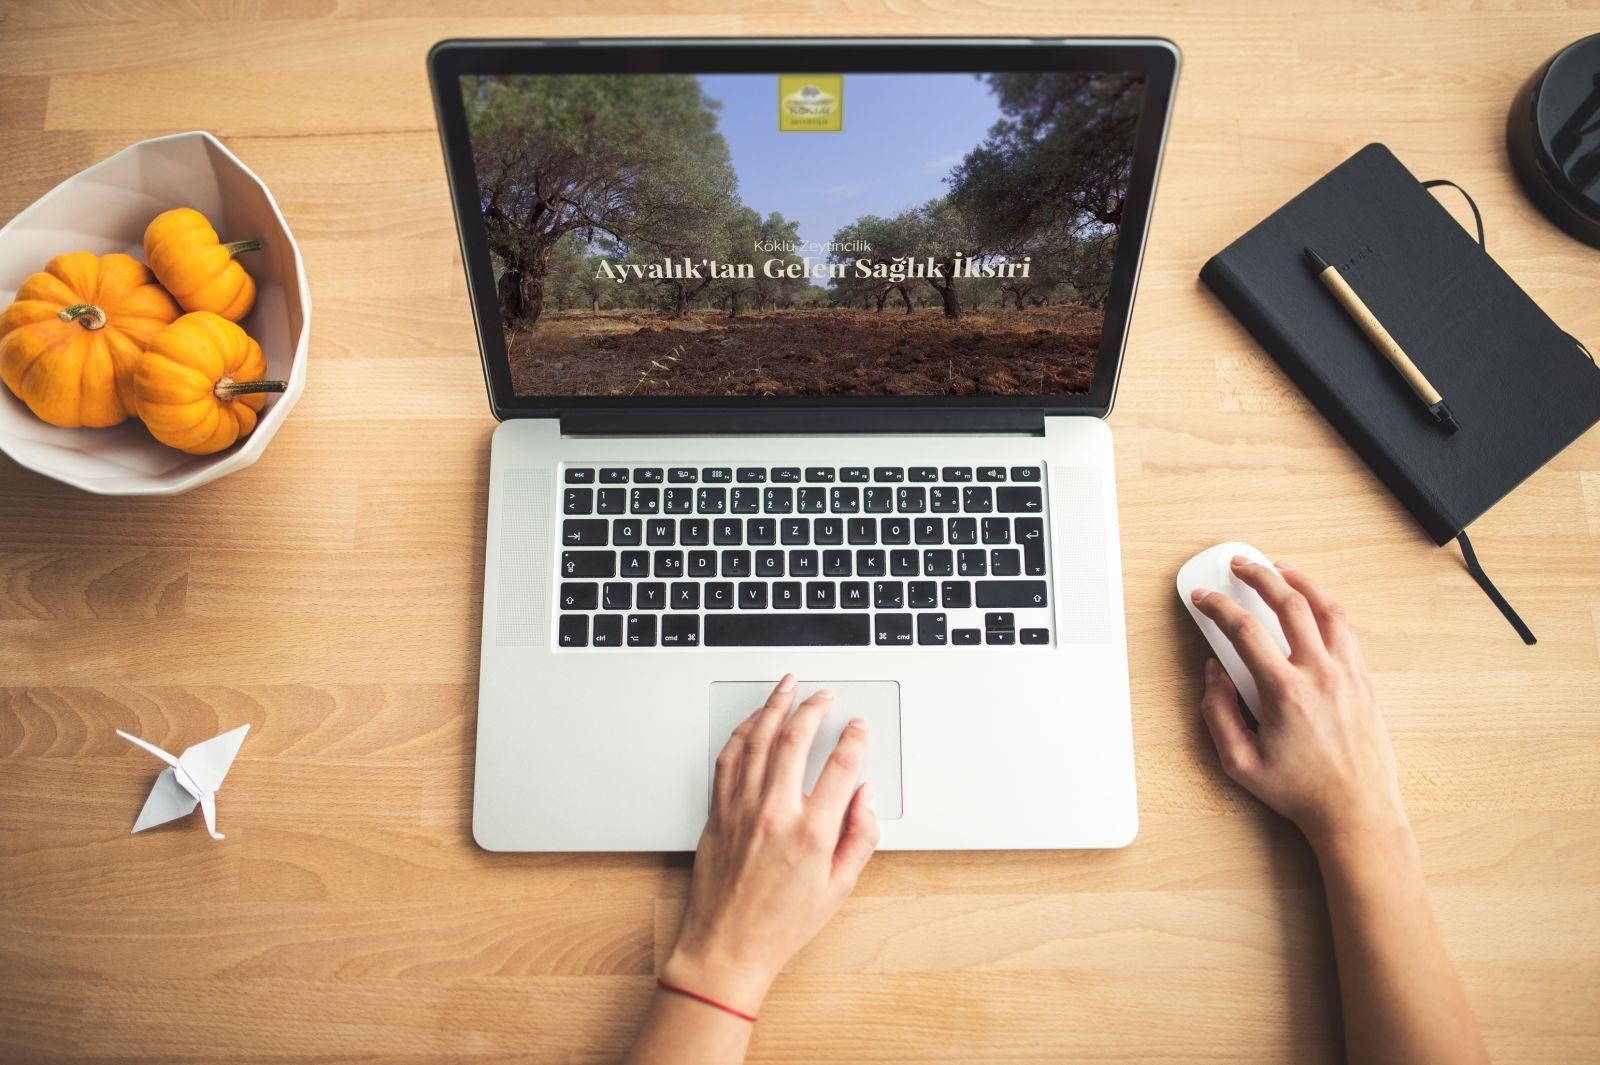 Köklü Zeytincilik'in Kurumsal Web Sitesini Oluşturduk